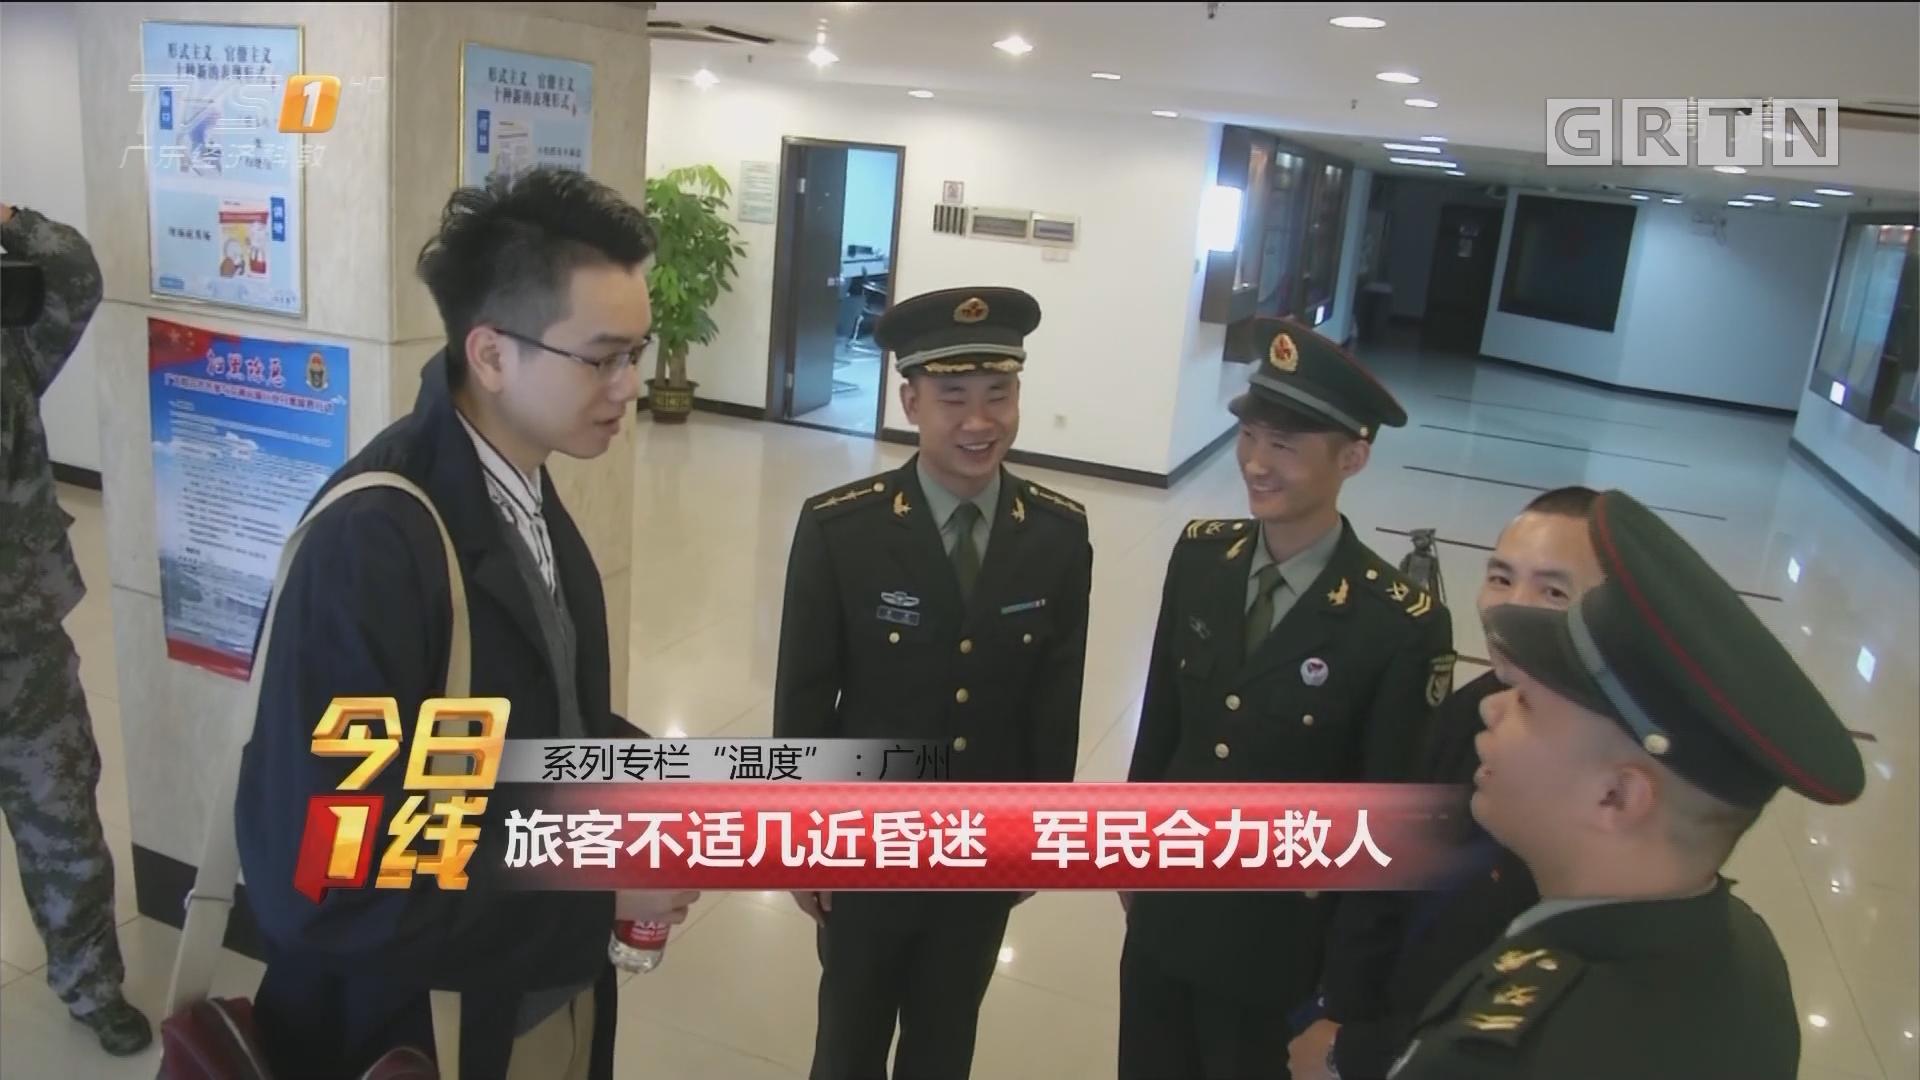 """系列专栏""""温度"""":广州 旅客不适几近昏迷 军民合力救人"""